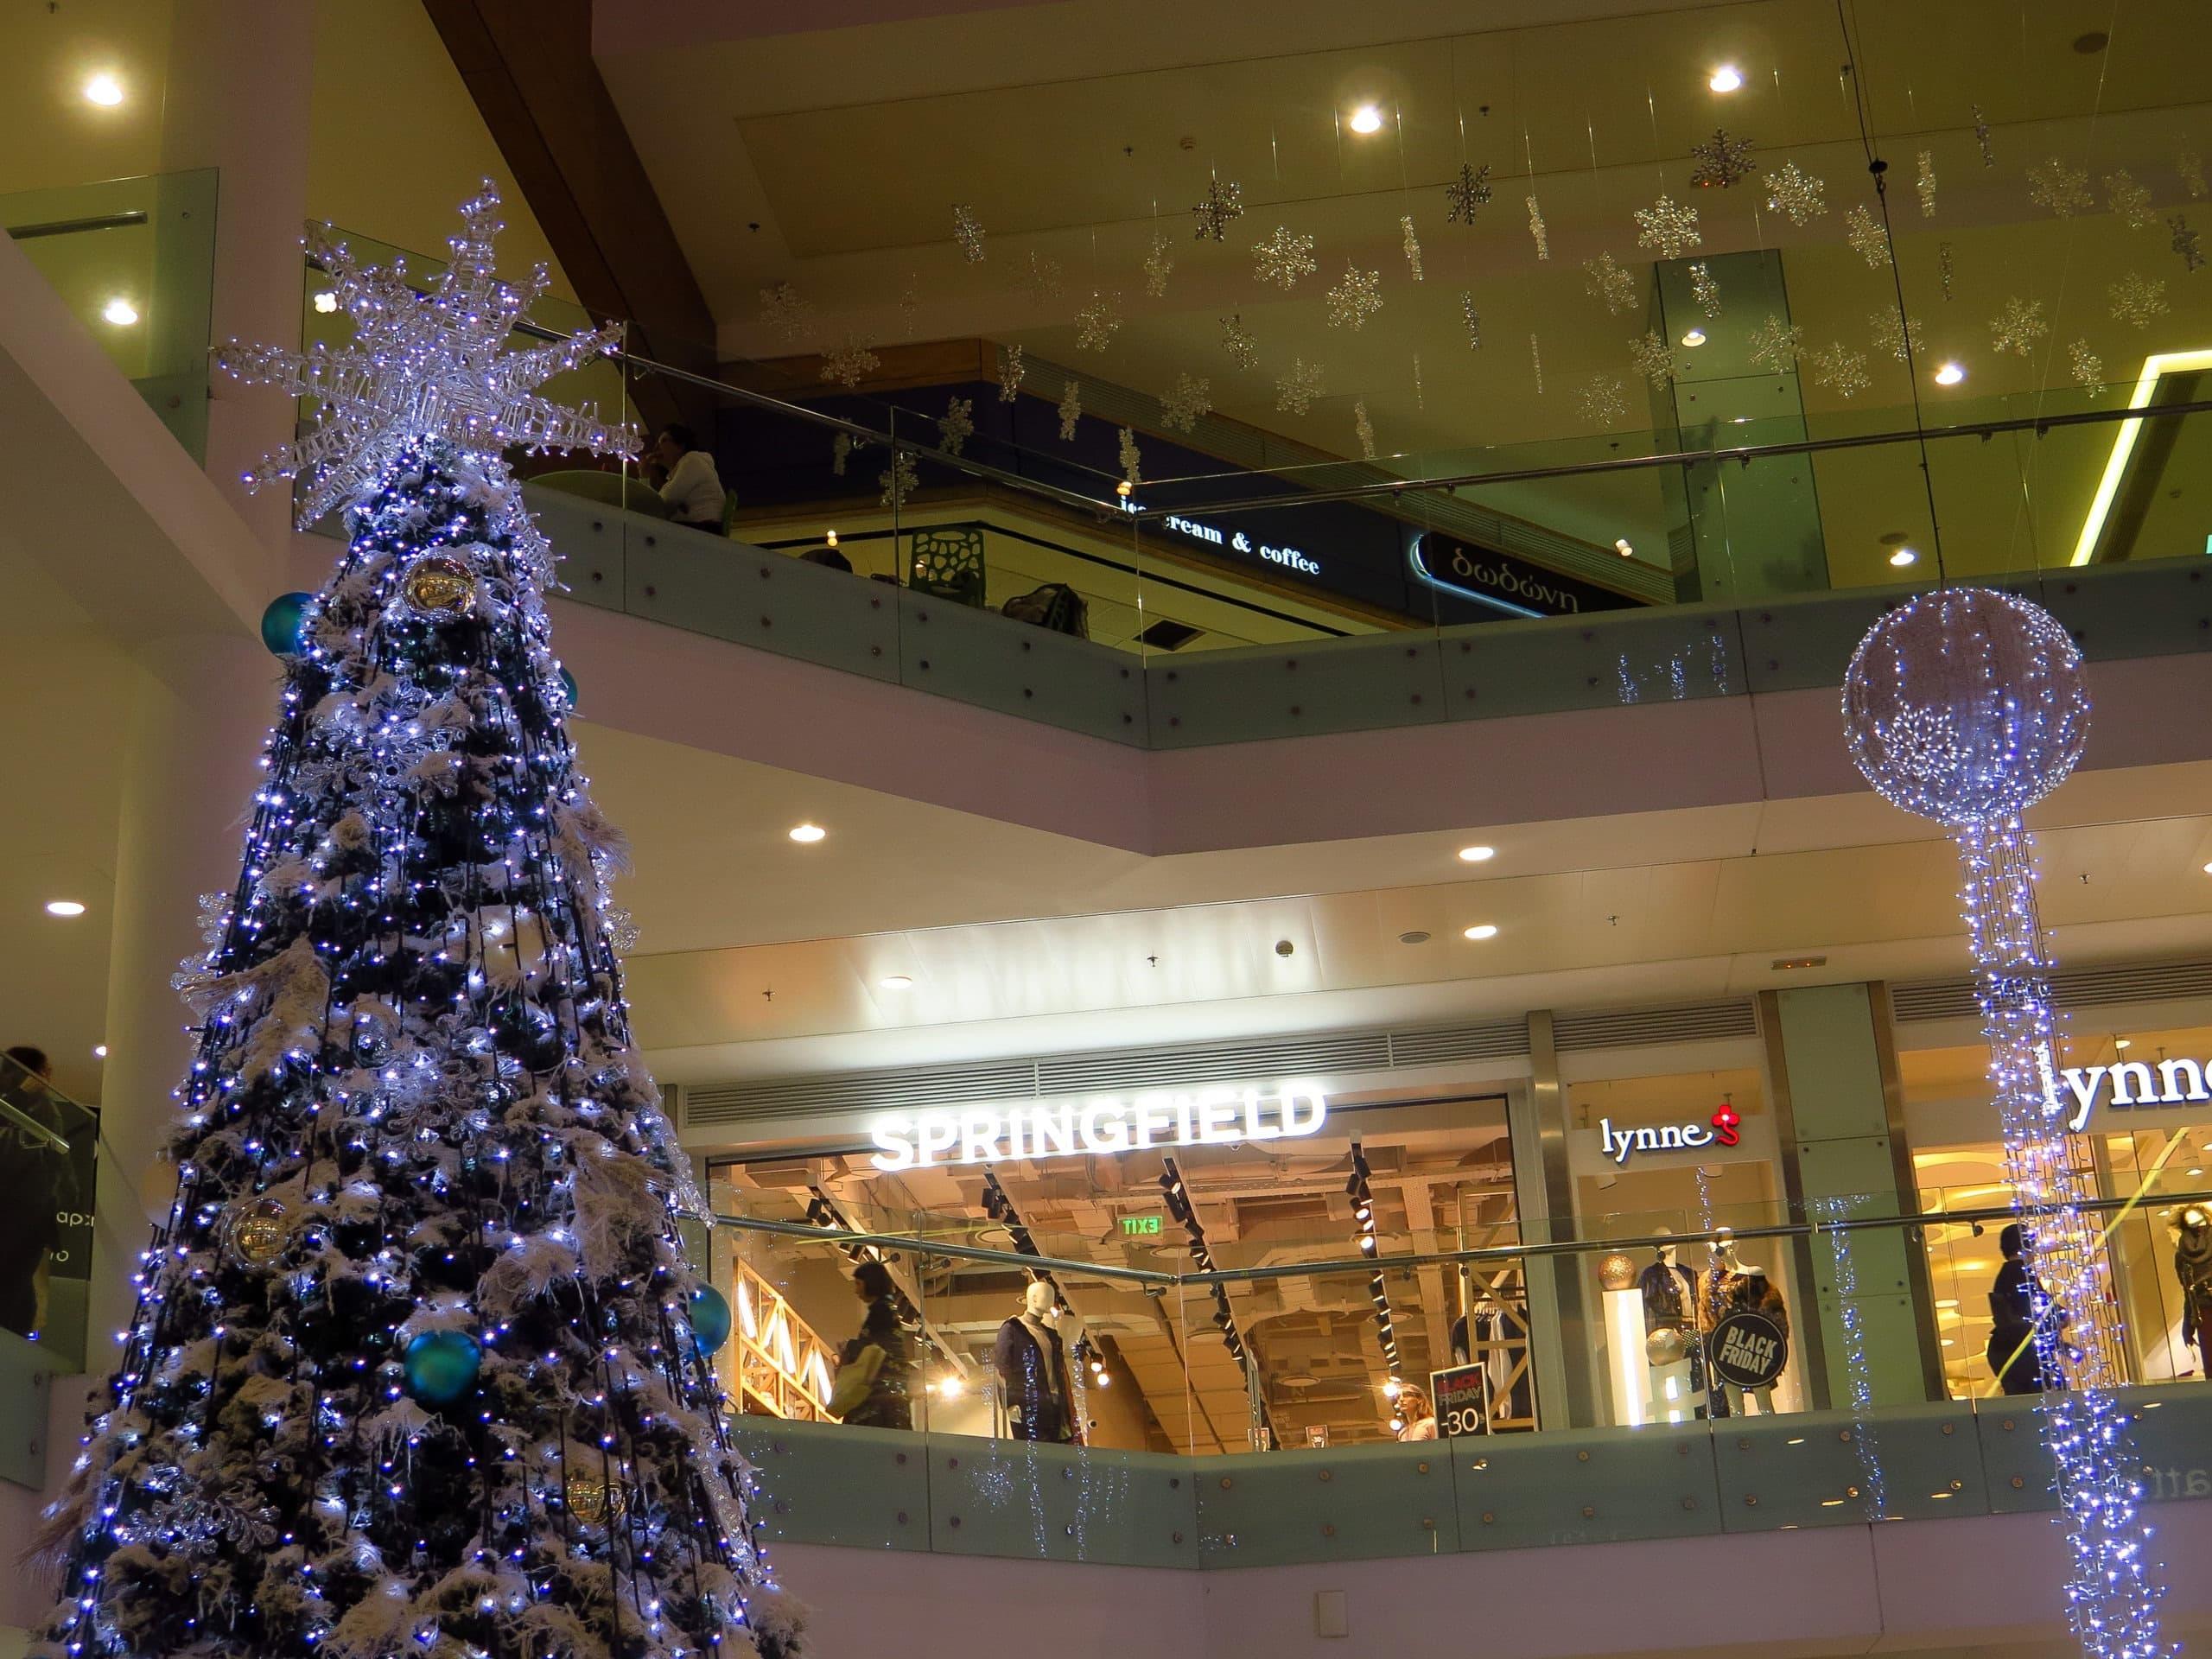 Κυριακή ανοιχτά μαγαζιά Δεκεμβρίου 2019 - Εορταστικό ωράριο καταστημάτων